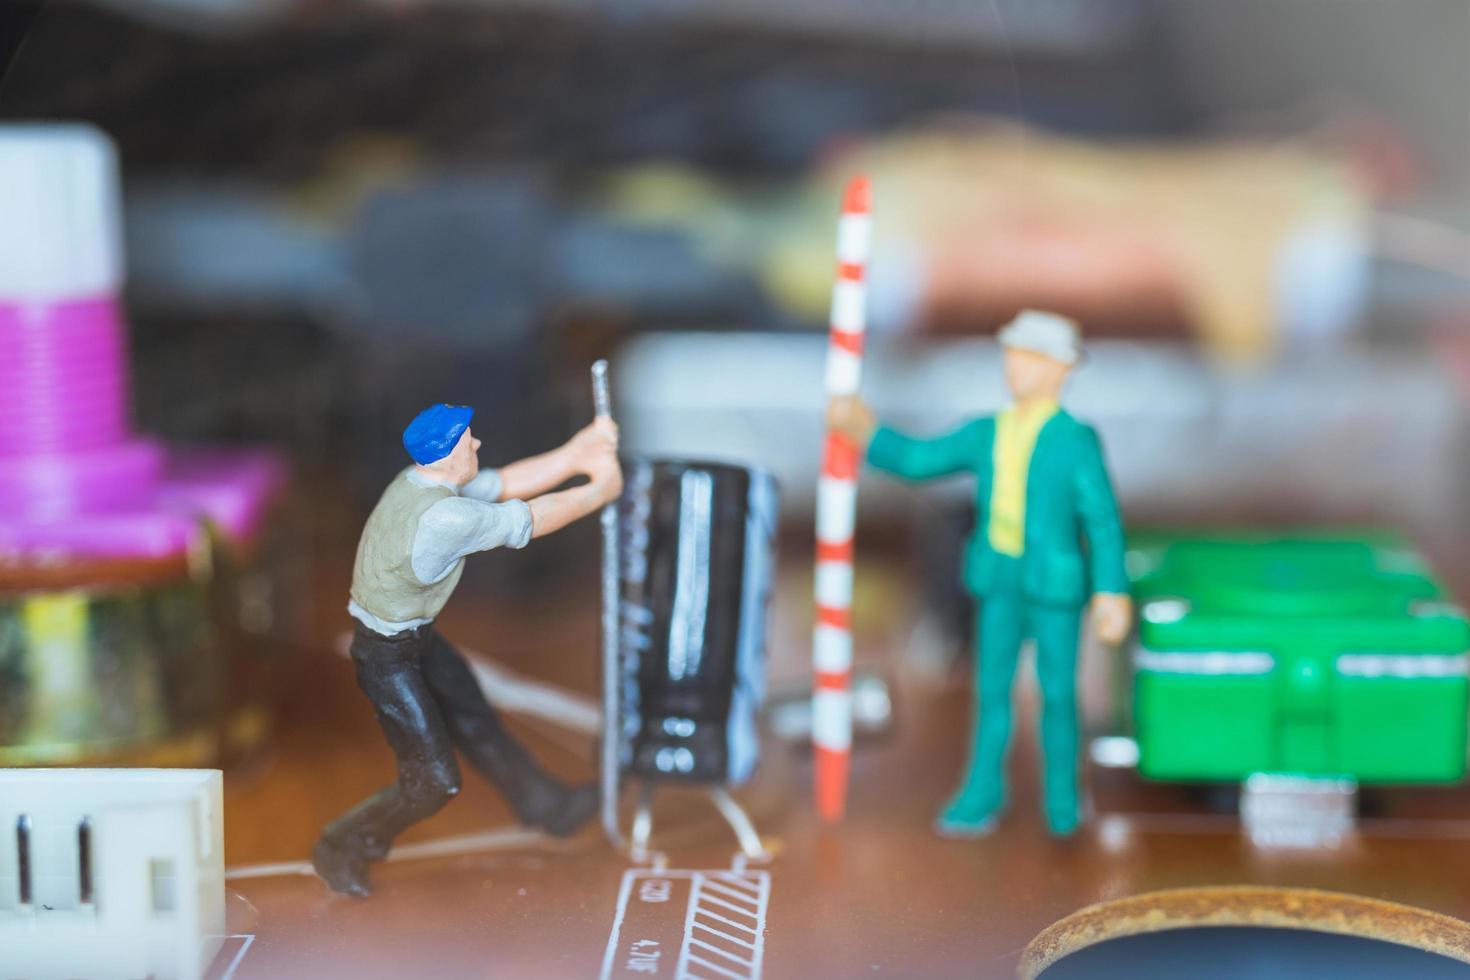 Trabajadores en miniatura que se unen para reparar circuitos electrónicos, concepto de trabajadores de la construcción foto